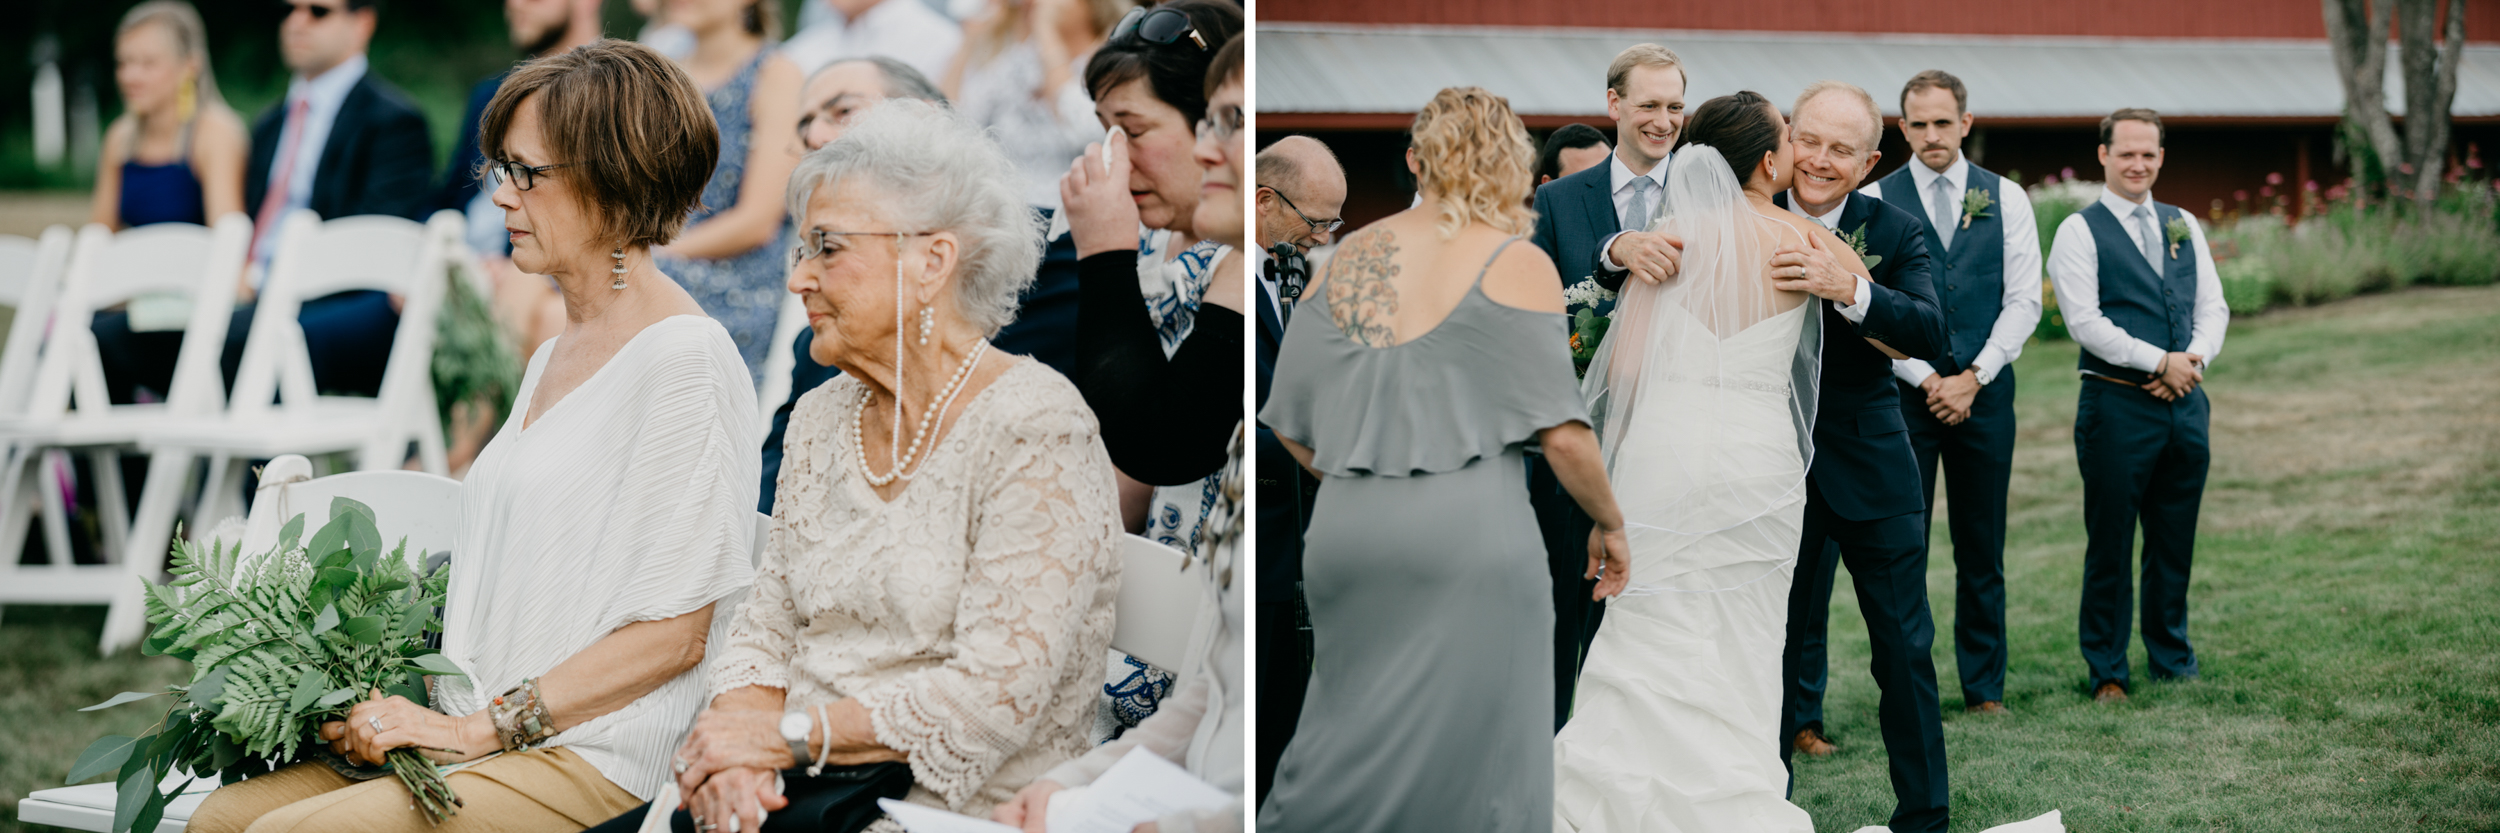 Jessie_Erik_Pownal_Maine_Wedding_William_allen_farm_028.jpg